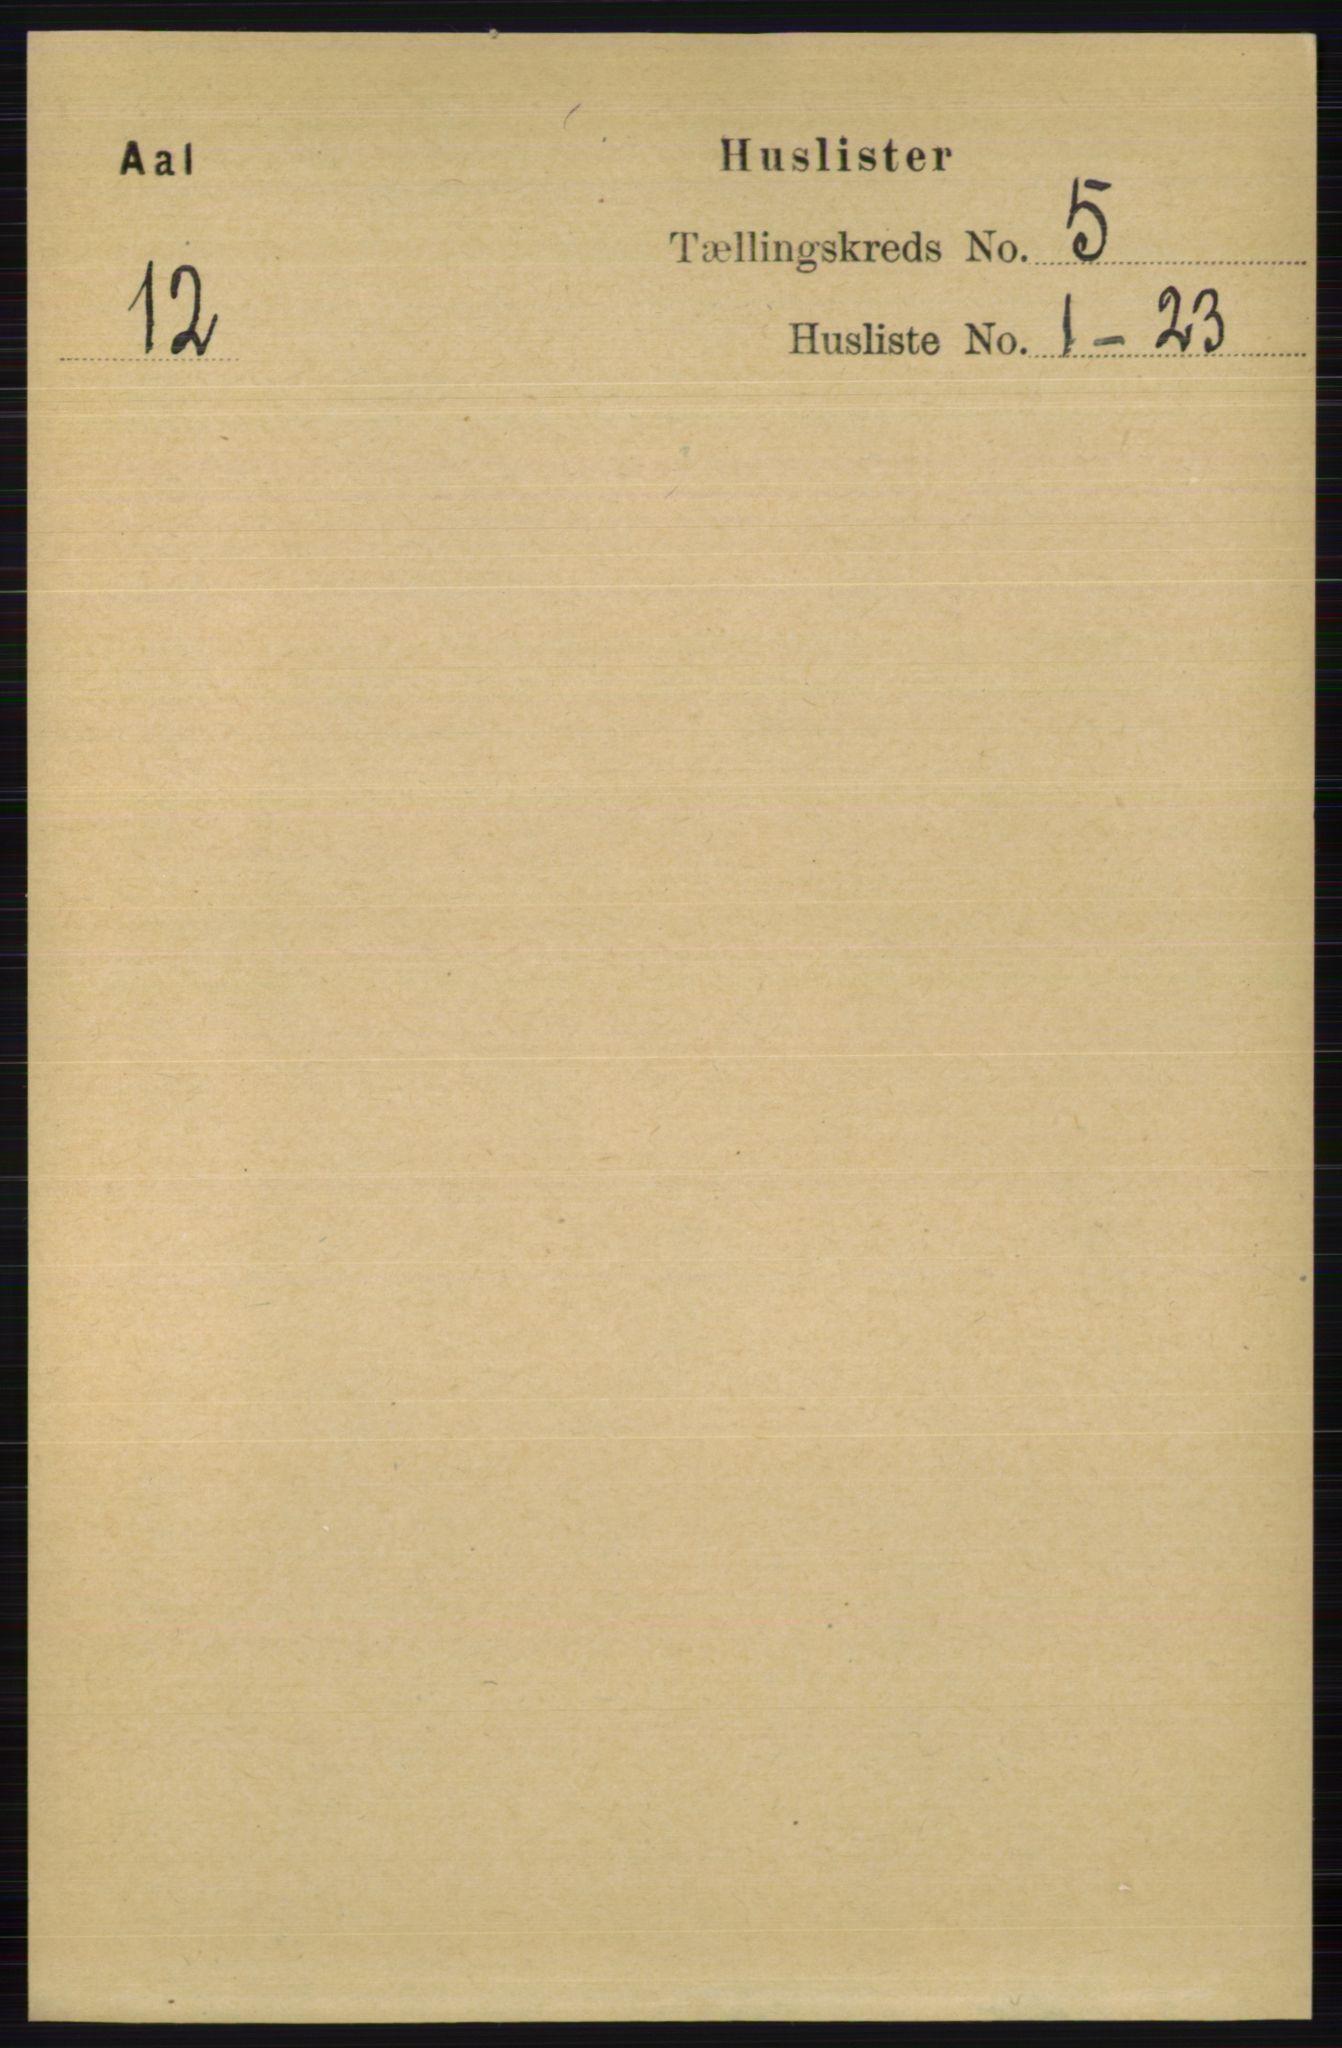 RA, Folketelling 1891 for 0619 Ål herred, 1891, s. 1335